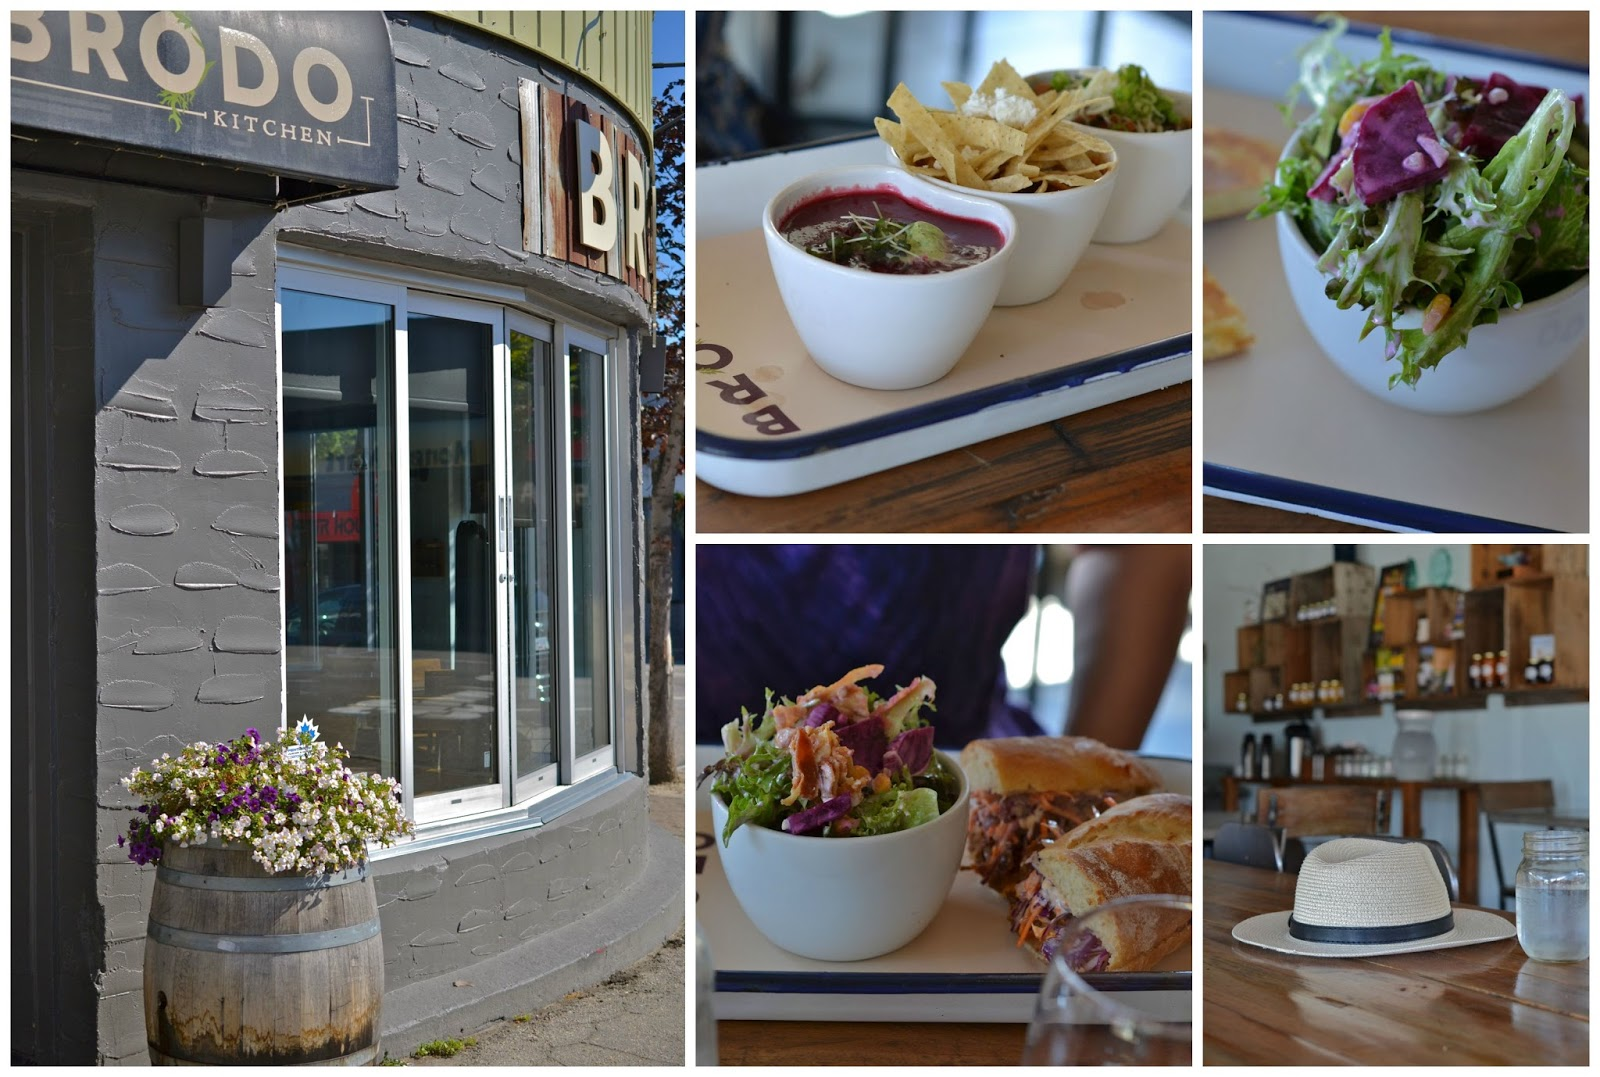 Brodo Restaurant Penticton Bc